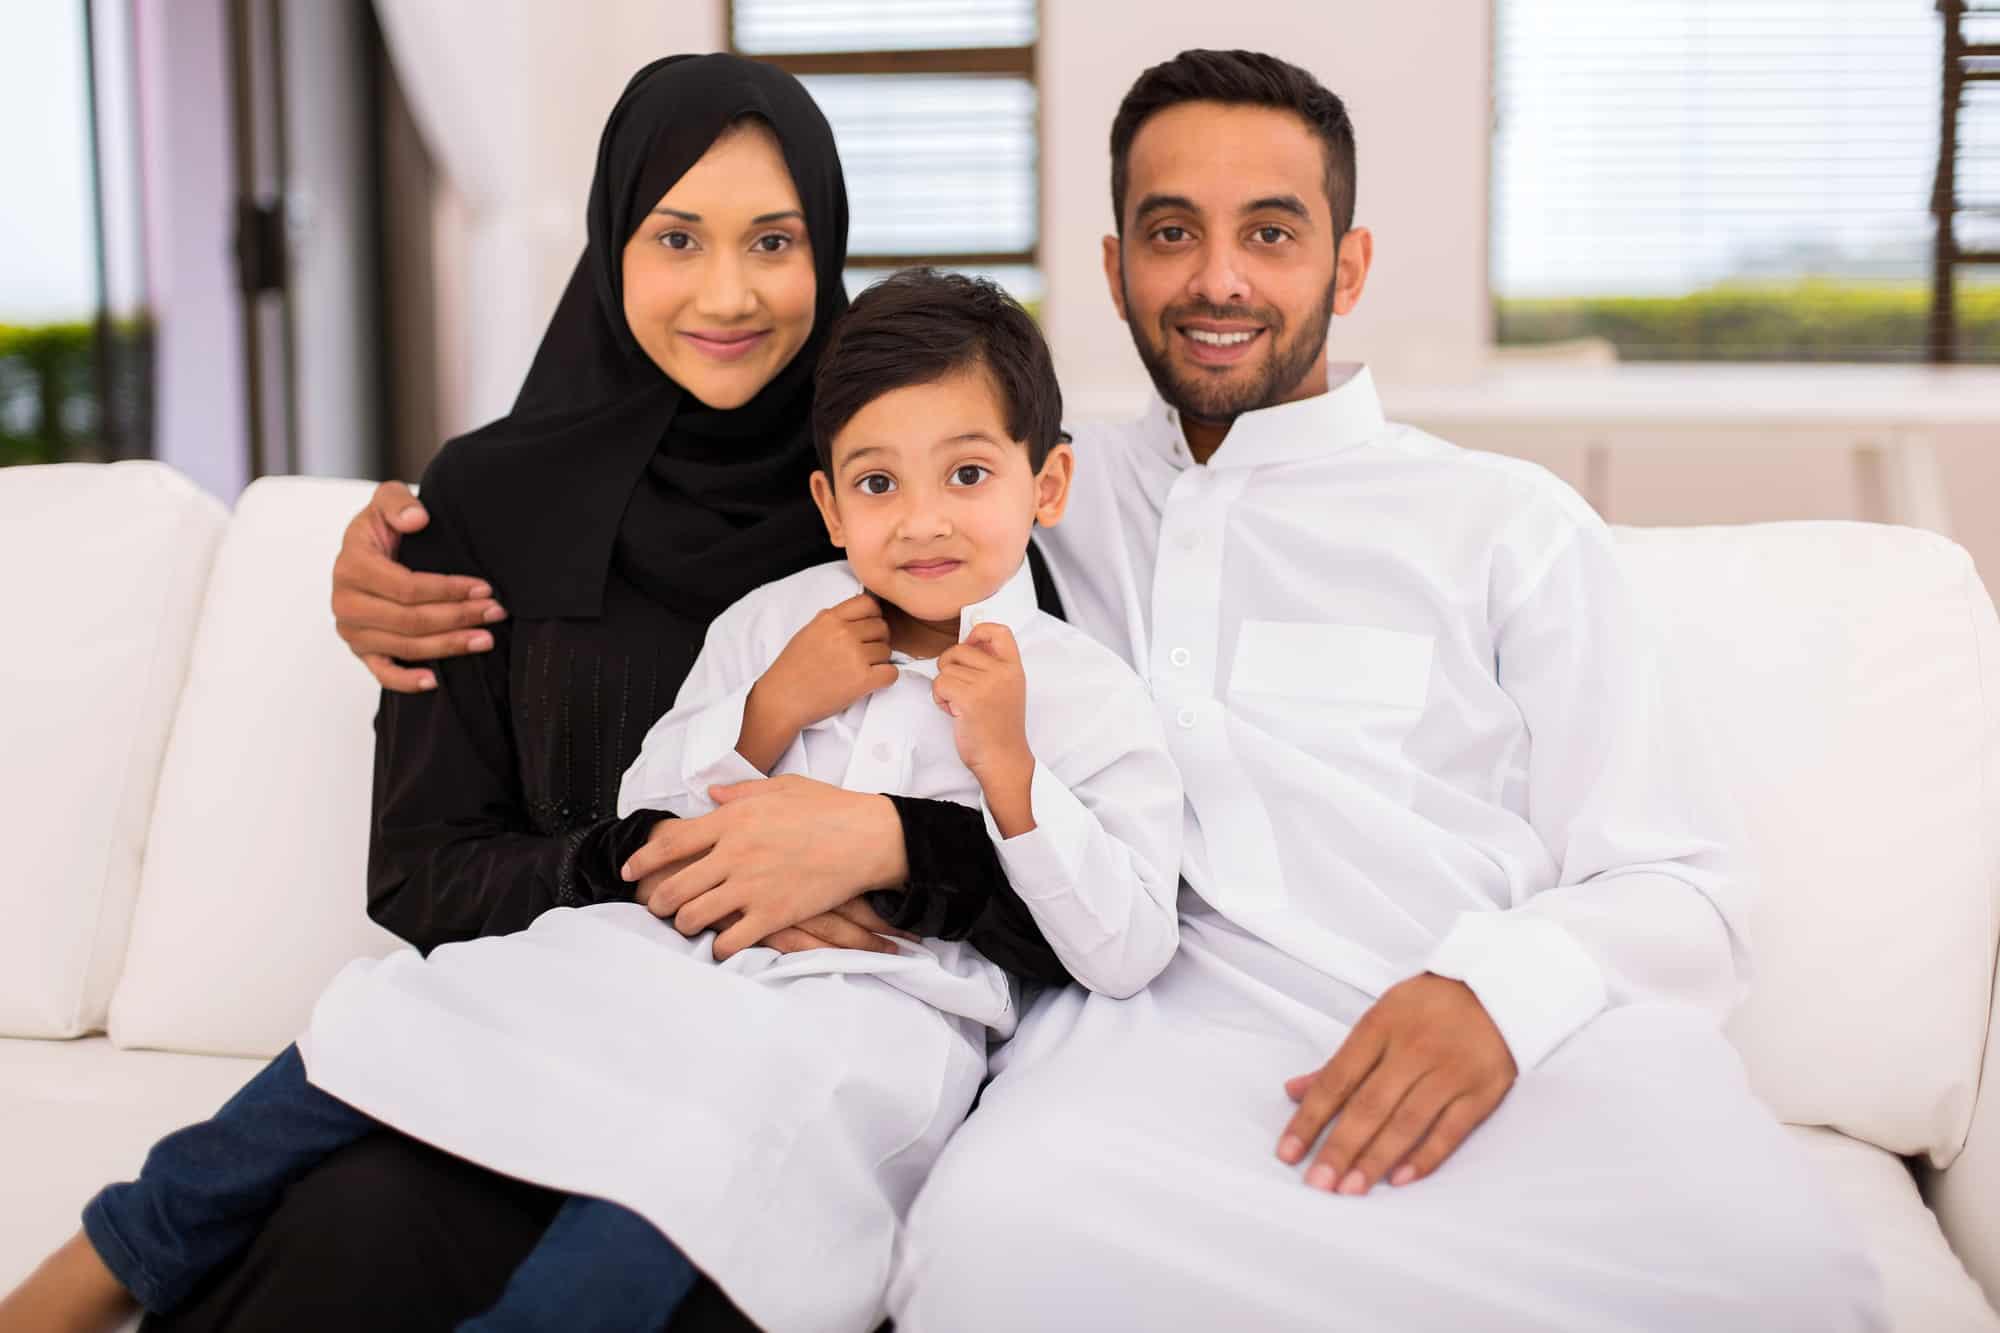 وزارة الخارجية السعودية طلب استقدام زوجة